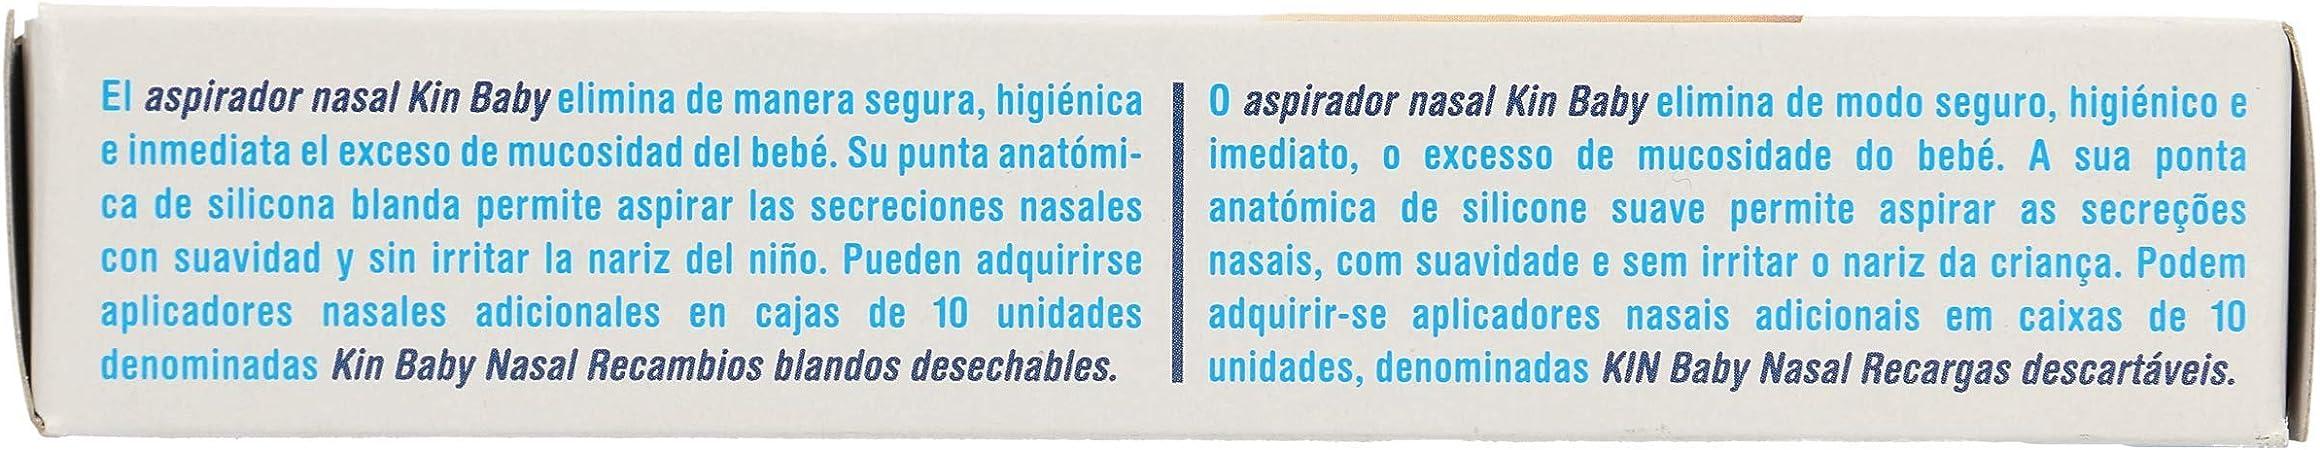 KIN Baby nasal aspirador nasal caja 1 ud: Amazon.es: Salud y ...